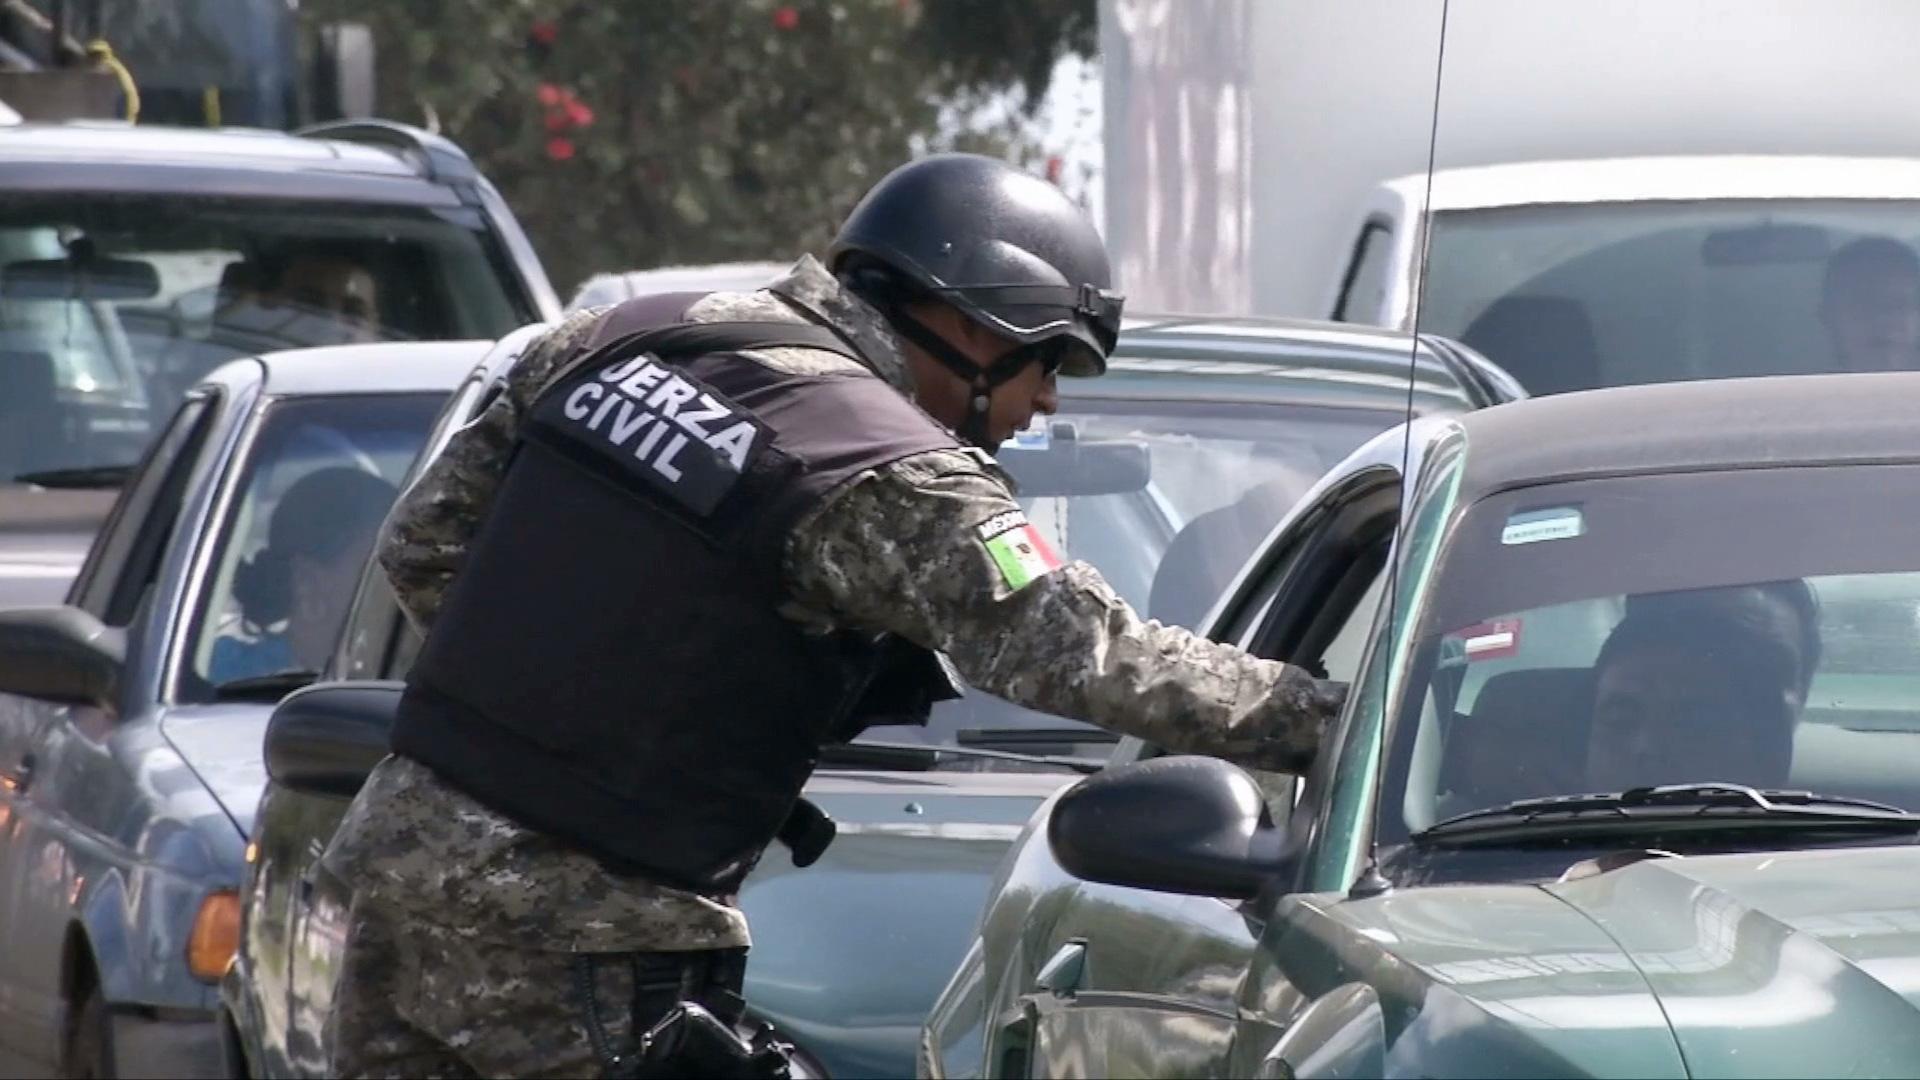 Instalan Puertos de seguridad y Protección ciudadana en Xalapa